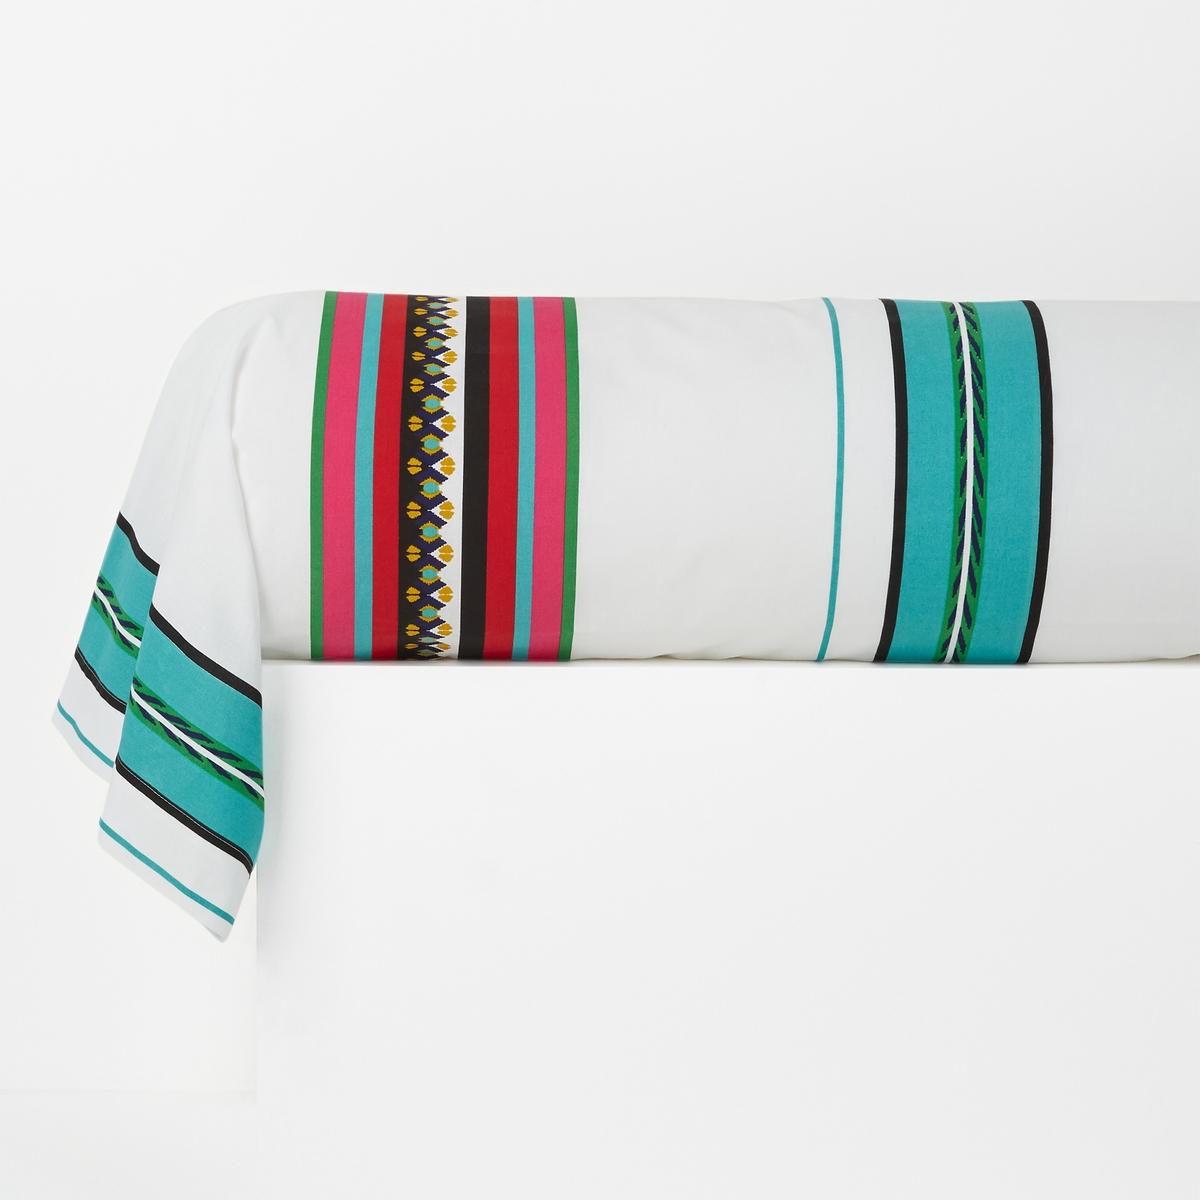 Наволочка на подушку-валик с рисунком, Nazca BlancХарактеристики наволочки на подушку-валик :100% хлопка, 57 нитей/см2Чем больше нитей/см2, тем выше качество ткани.Машинная стирка при 60 °С.Размеры наволочки на подушку-валик :85 x 185 см Знак Oeko-Tex® гарантирует, что товары прошли проверку и были изготовлены без применения вредных для здоровья человека веществ.Уход :Следуйте рекомендациям по уходу, указанным на этикетке изделия.<br><br>Цвет: рисунок/белый<br>Размер: 85 x 185 см